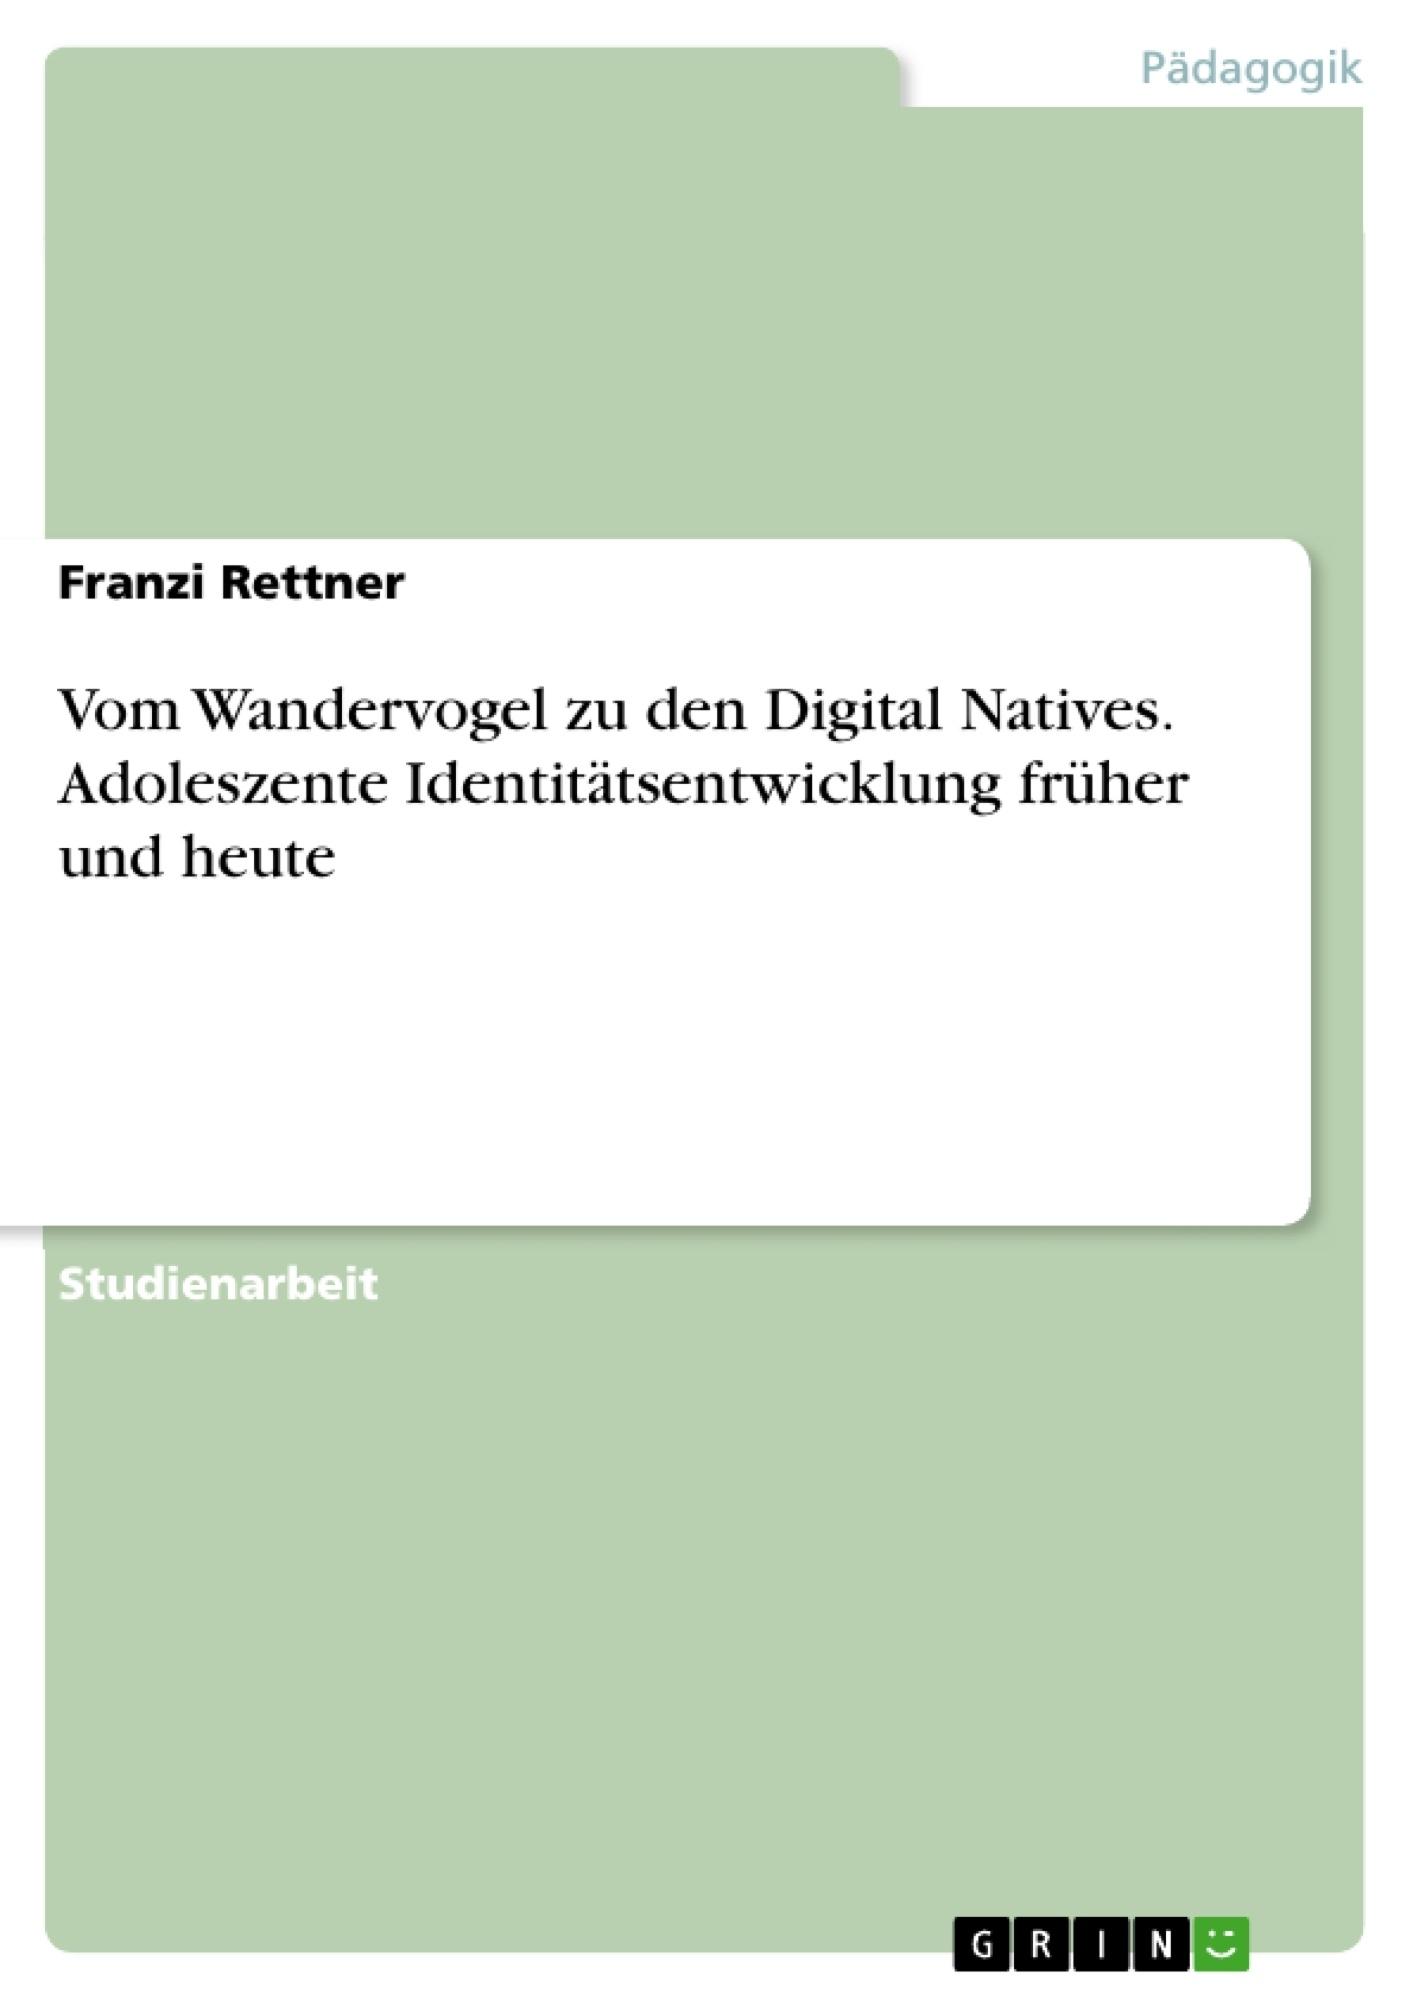 Titel: Vom Wandervogel zu den Digital Natives. Adoleszente Identitätsentwicklung früher und heute